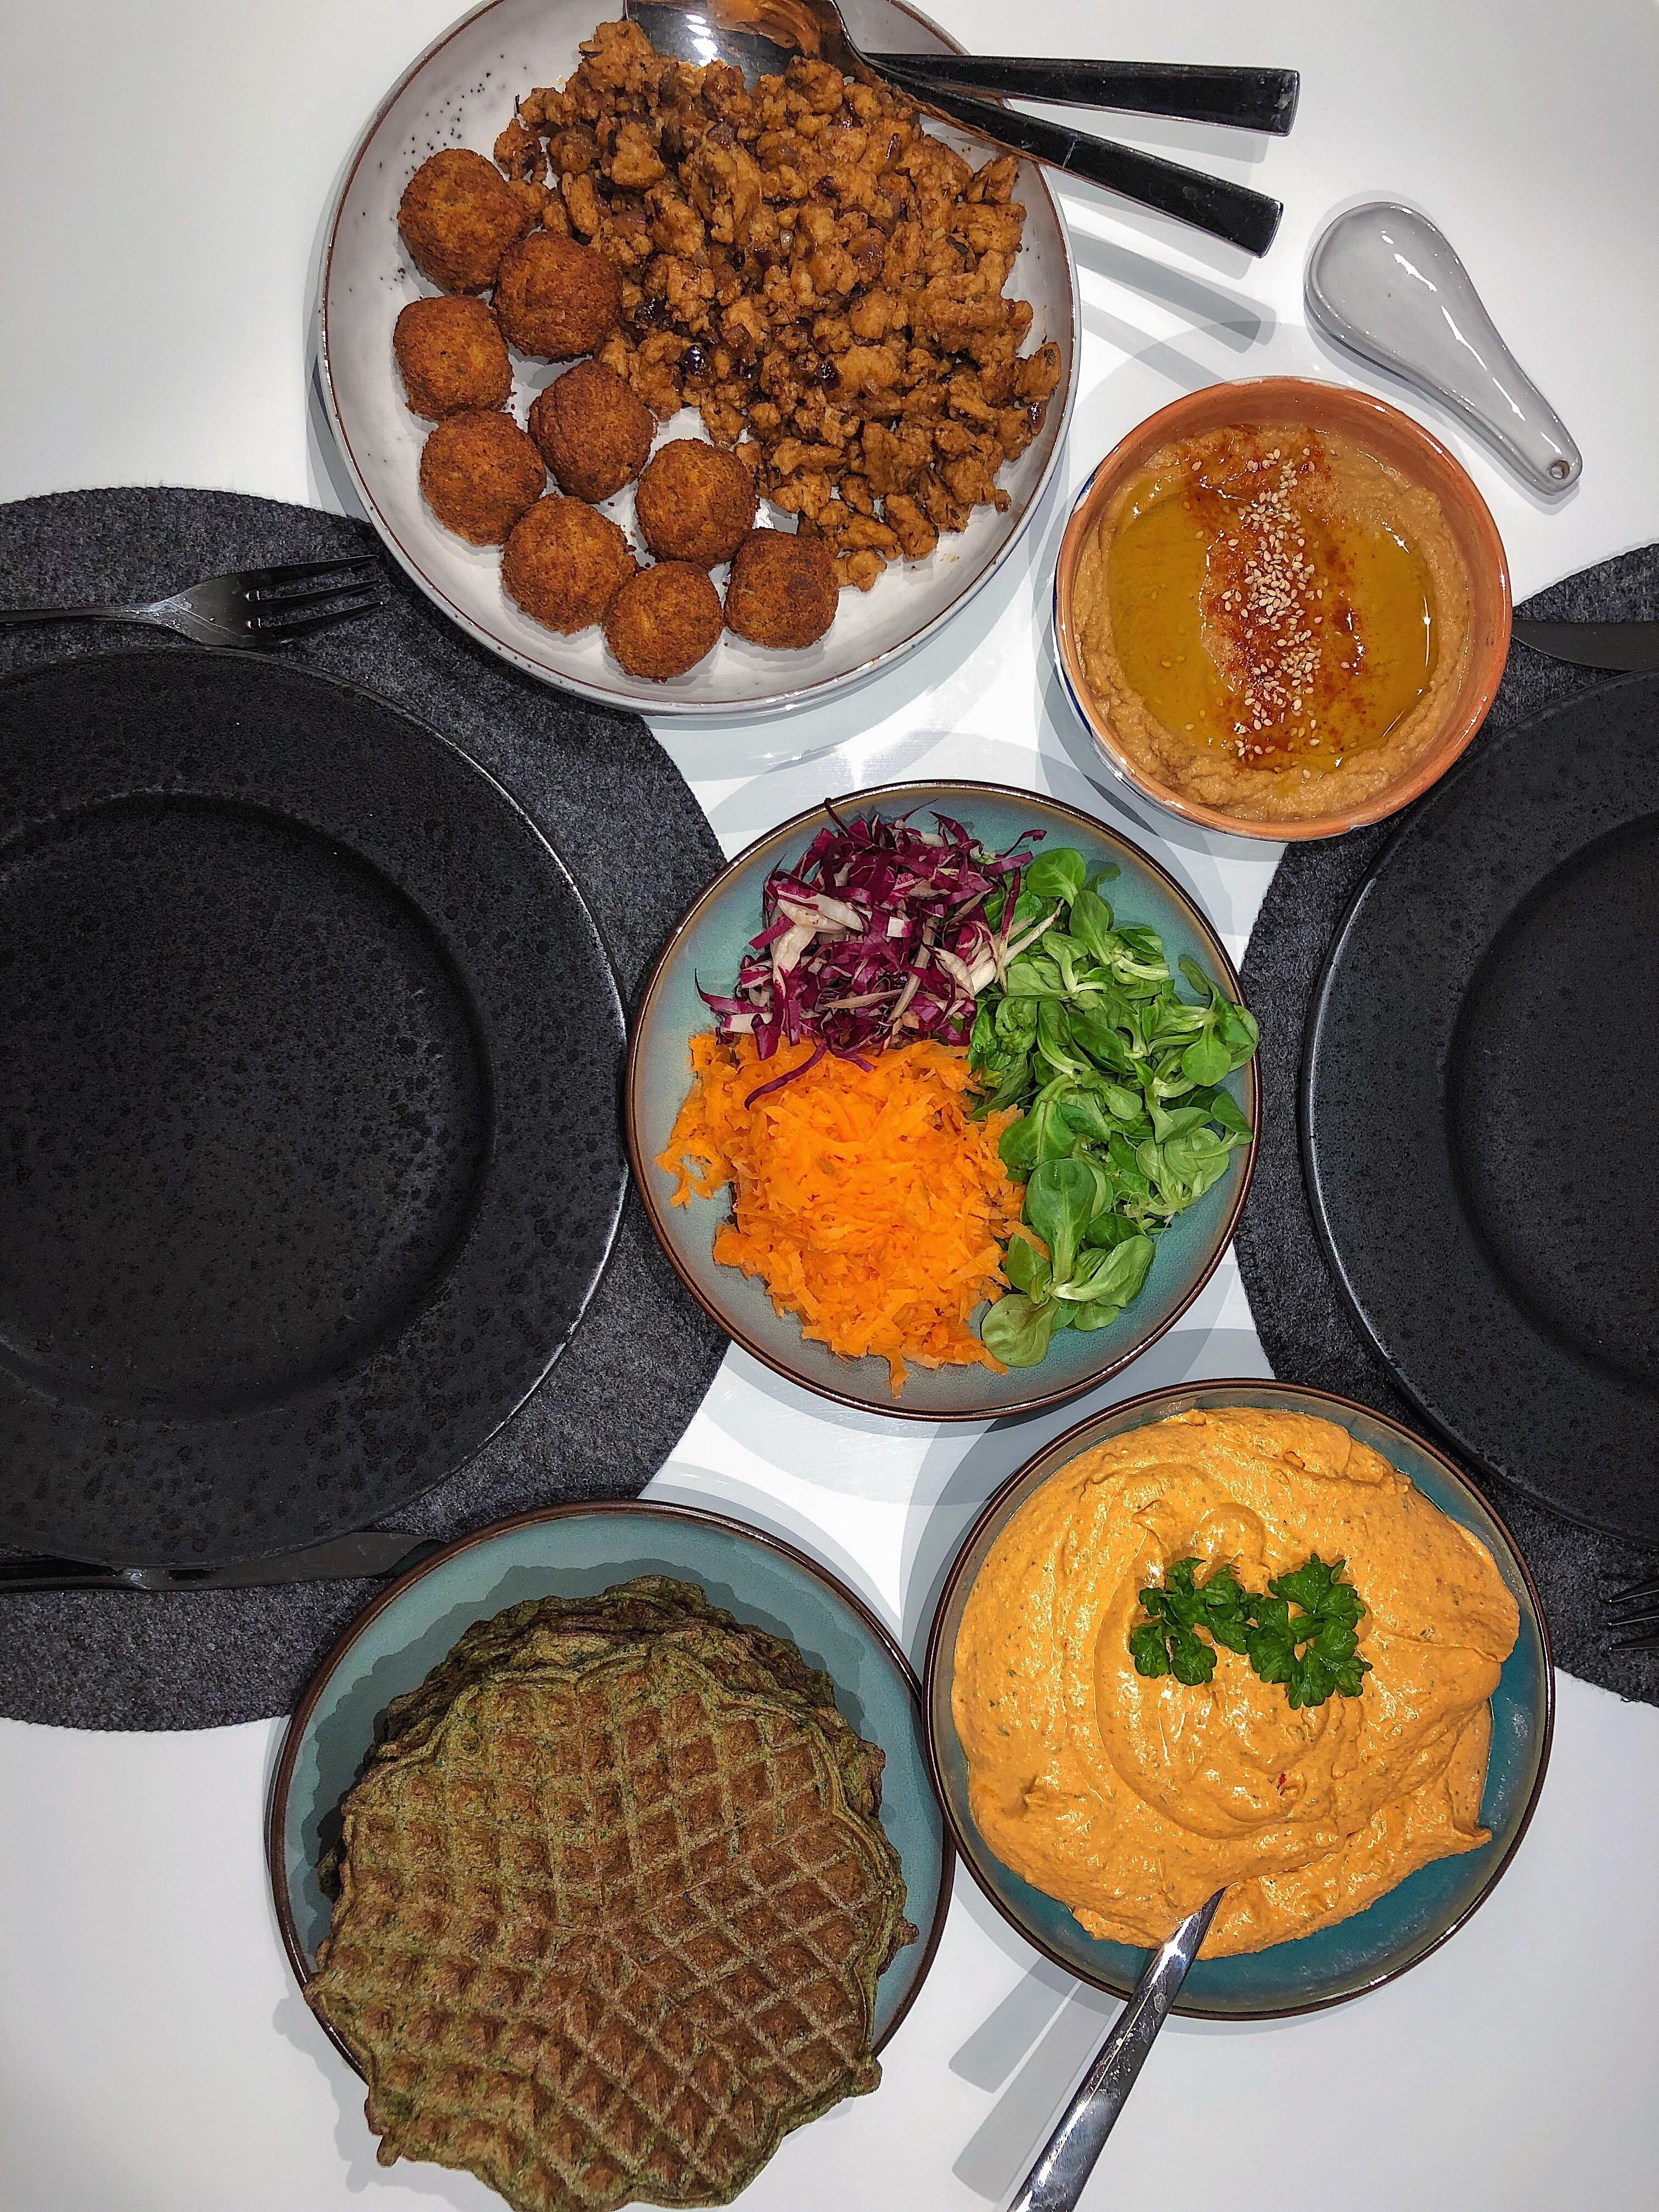 Heydari, Tyrkisk dip, Bagte peberfrugter, Dyppelse, Vafler, Grøntsager, Aftensmad, Sund mad, Nem mad, Mad inspiration, Grøntsagsvafler